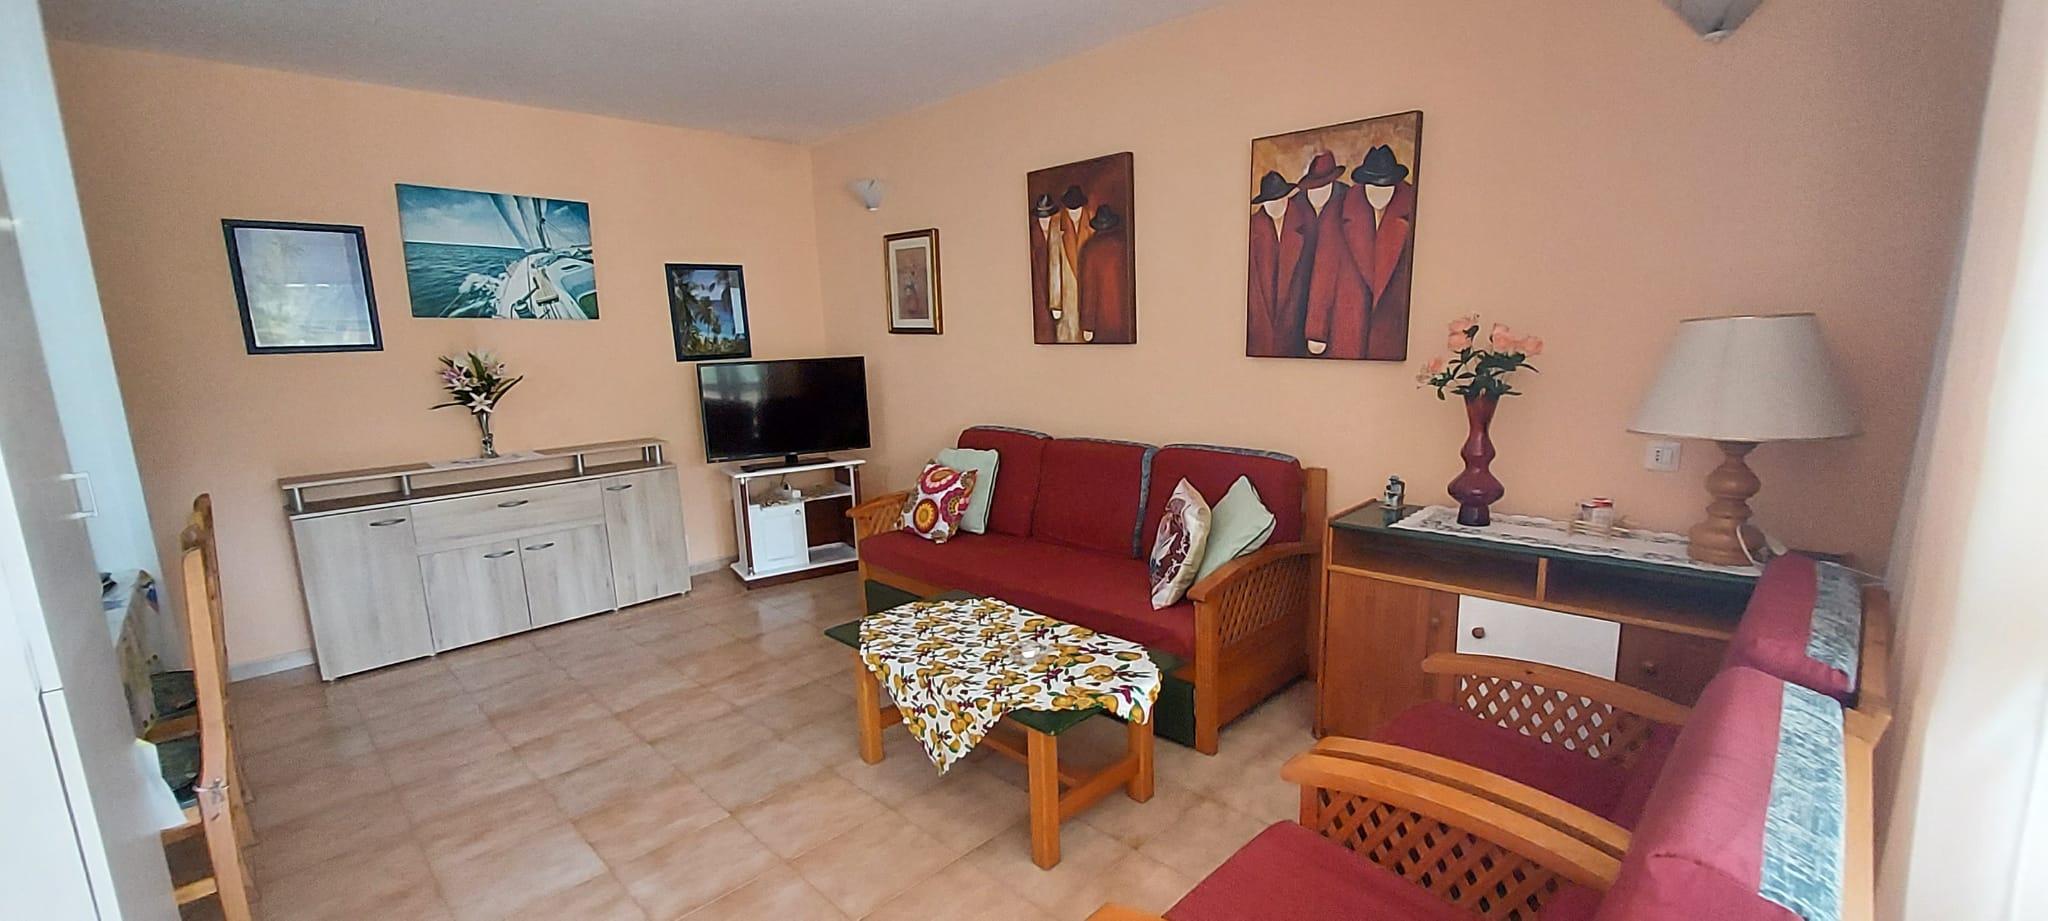 Apartamento parcialmente reformado en venta en Primavera – FT2237